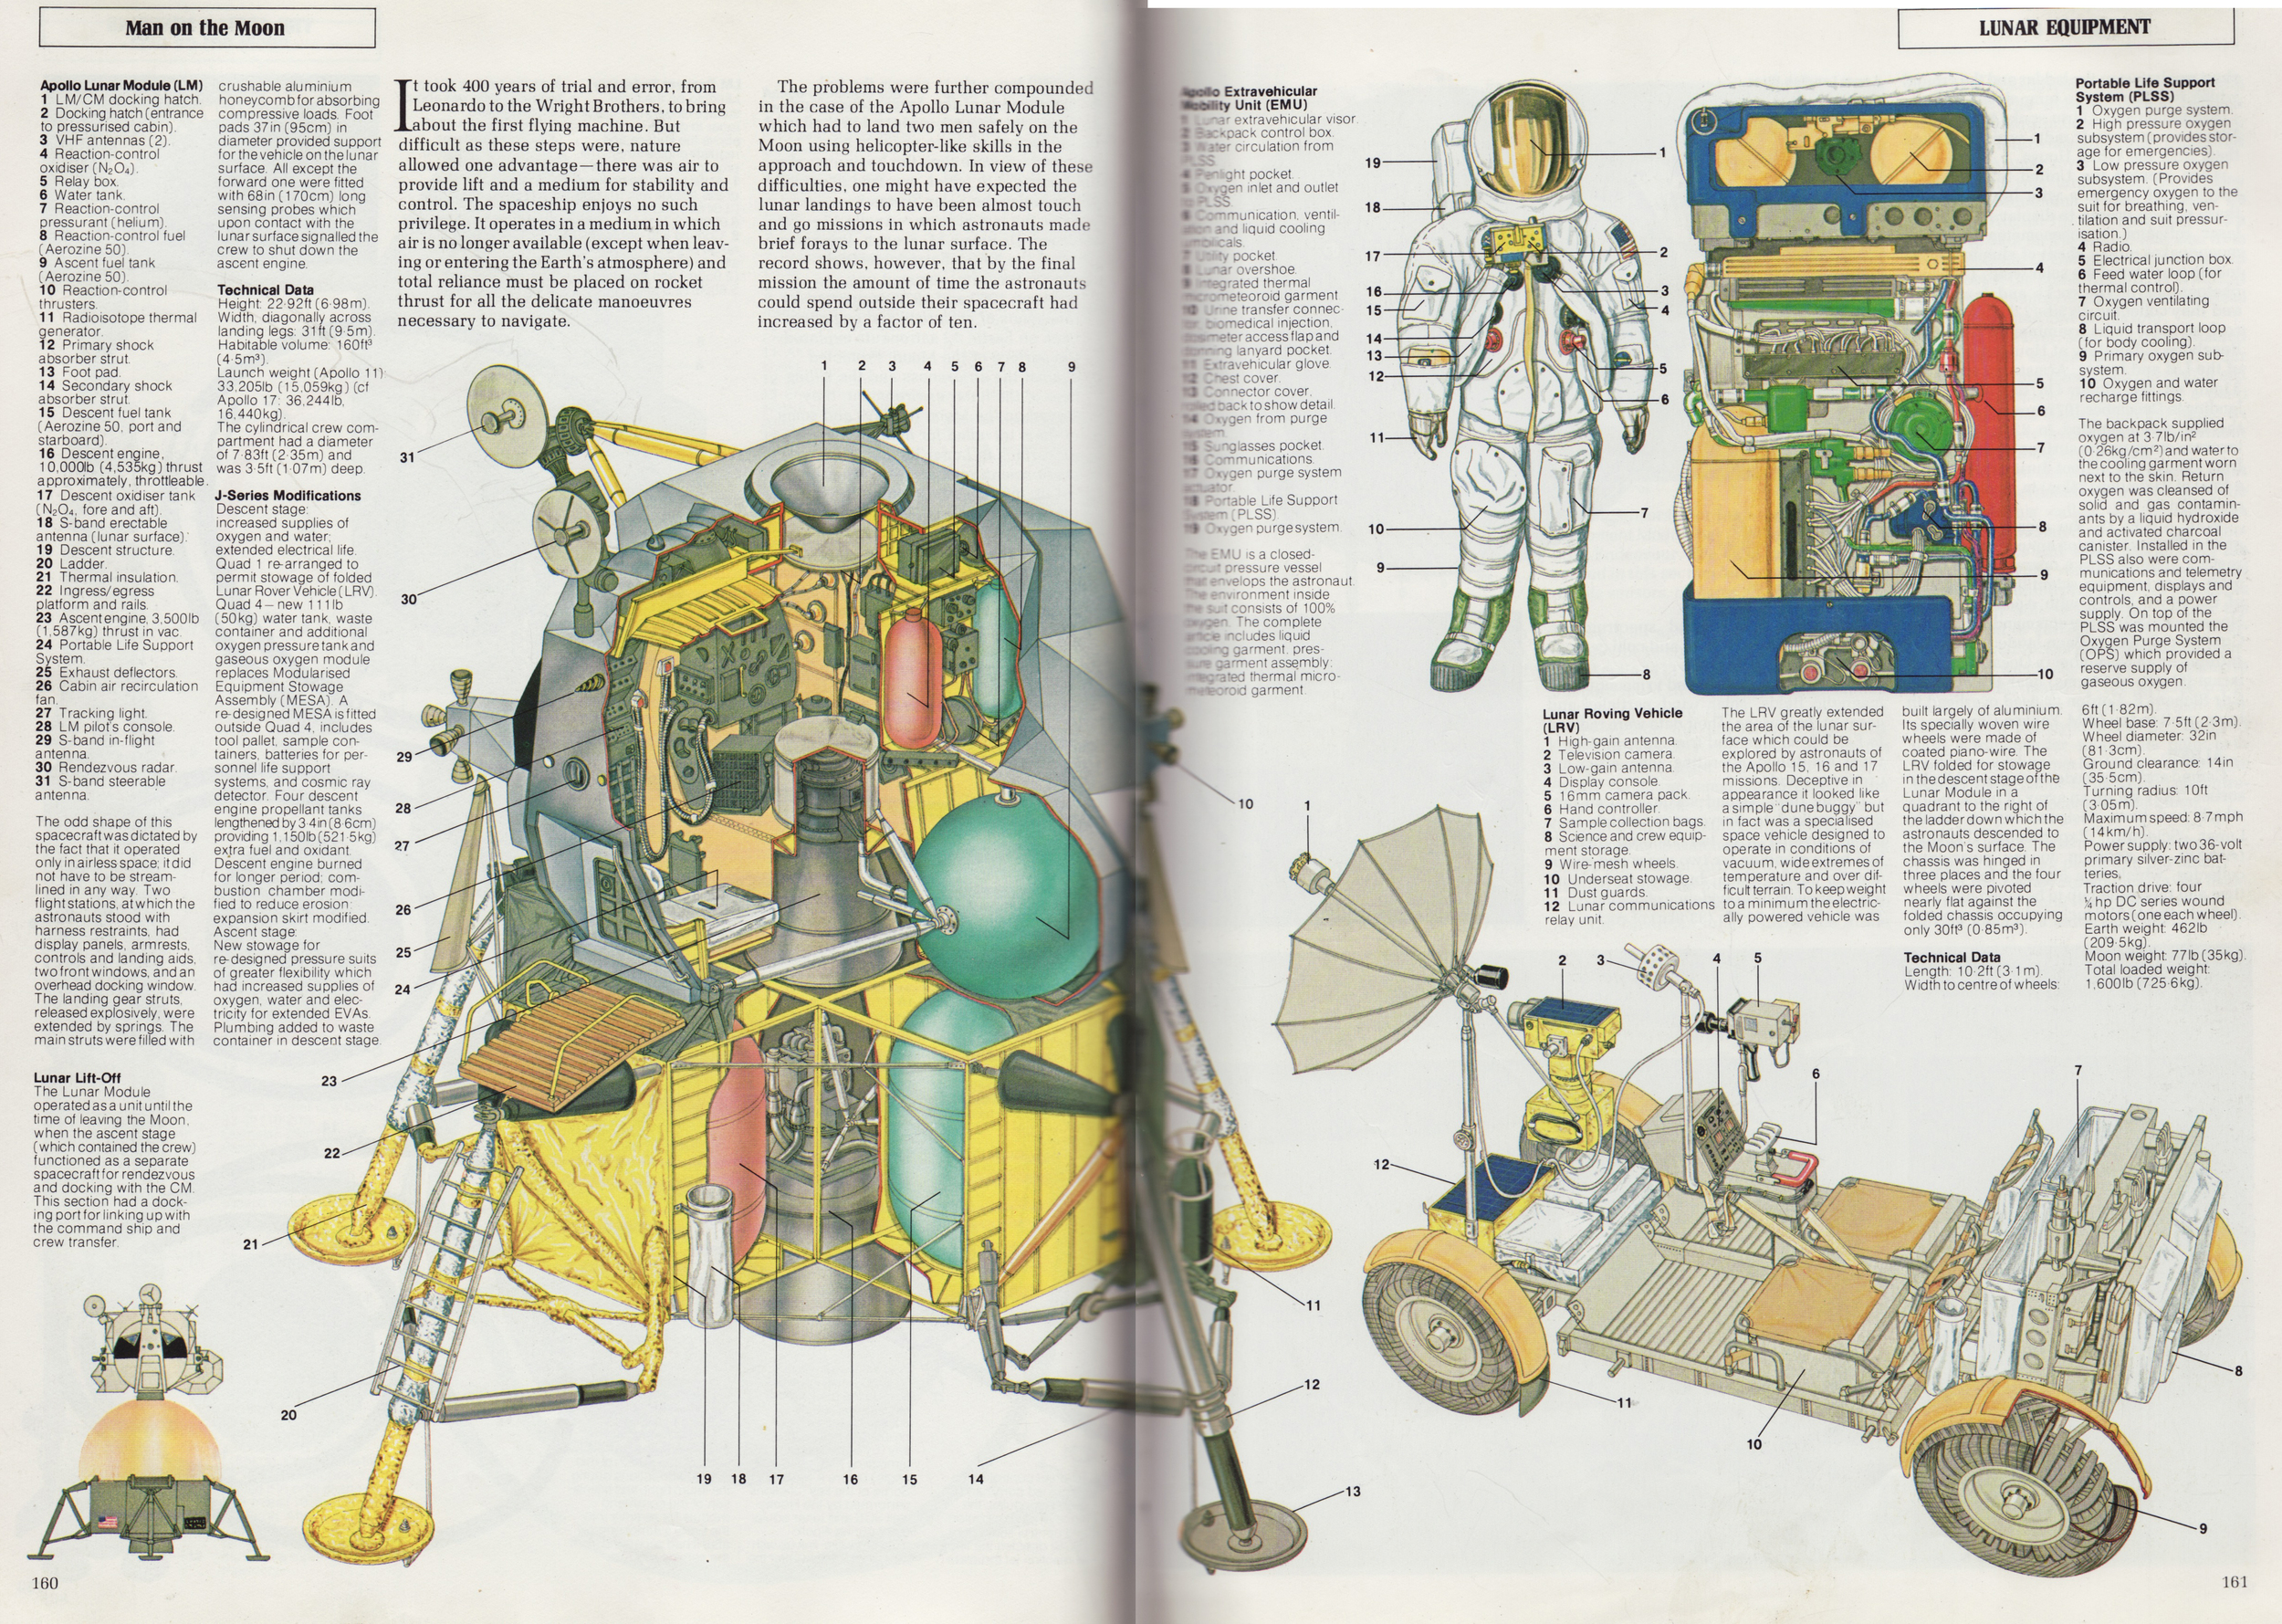 Spacecraft(88).jpg